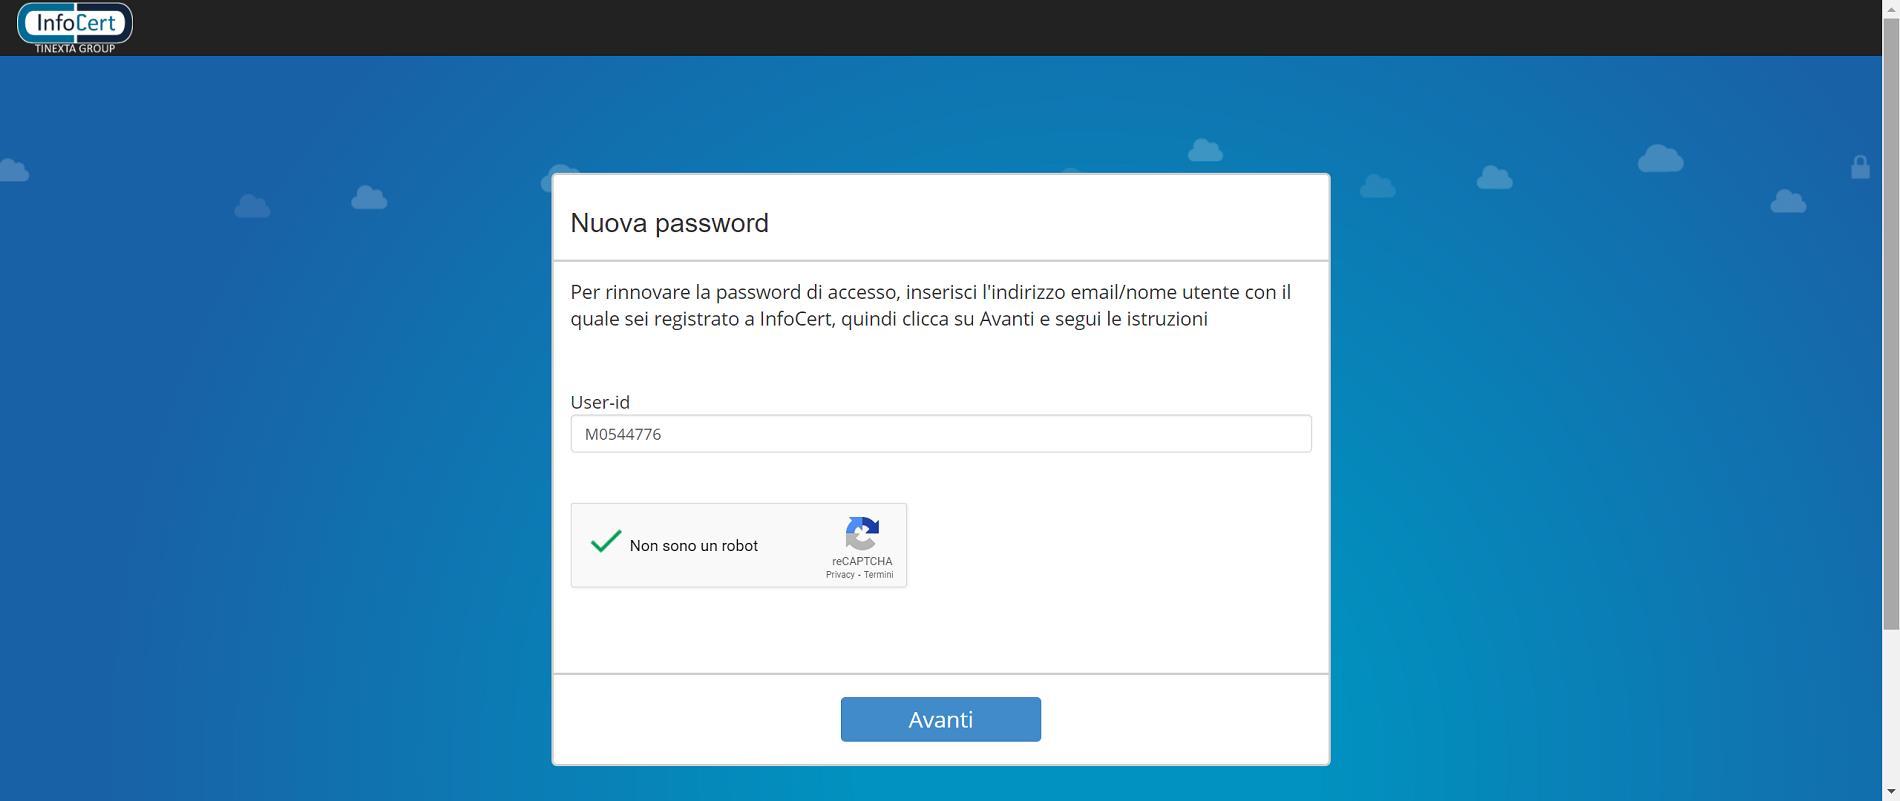 Inserisci il tuo User-ID